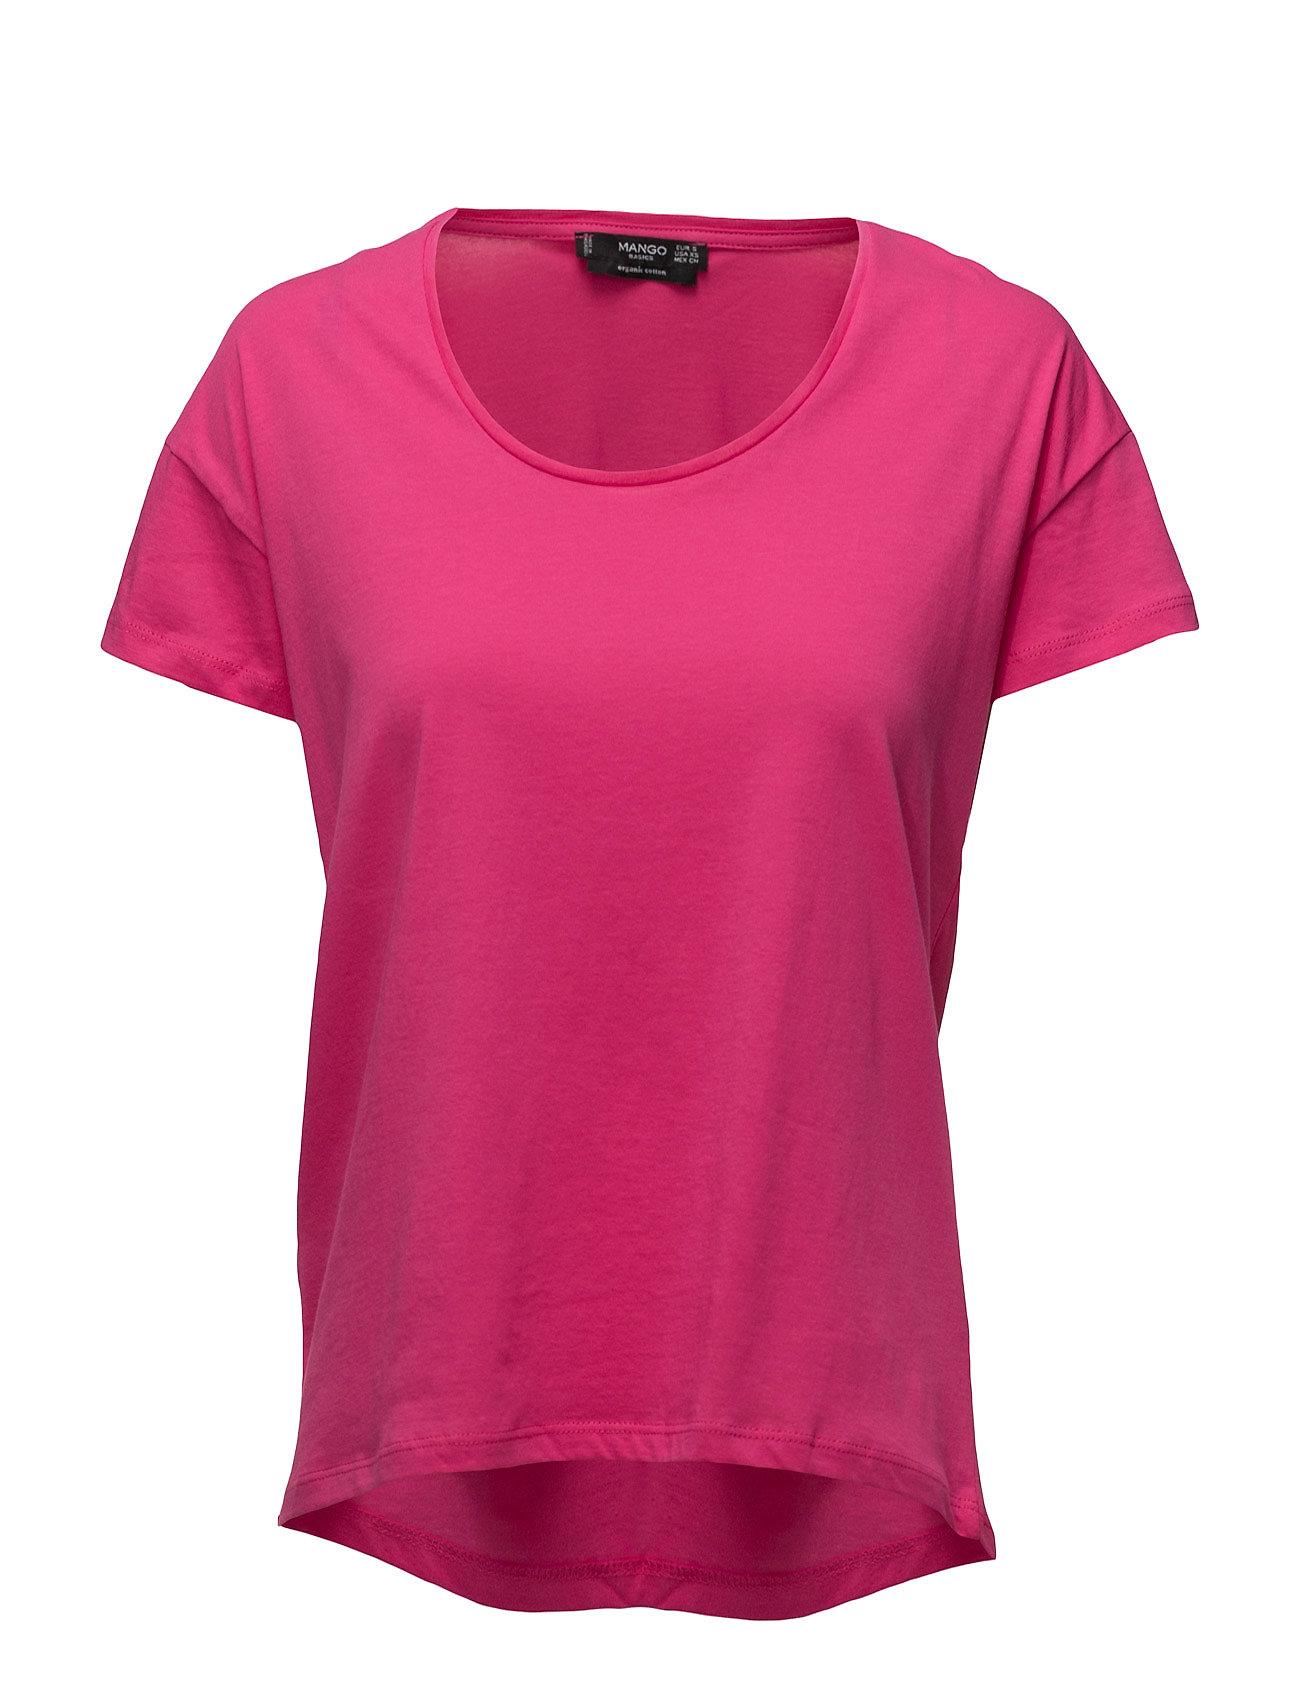 Organic Cotton T-Shirt Mango Kortærmede til Damer i Bright Pink